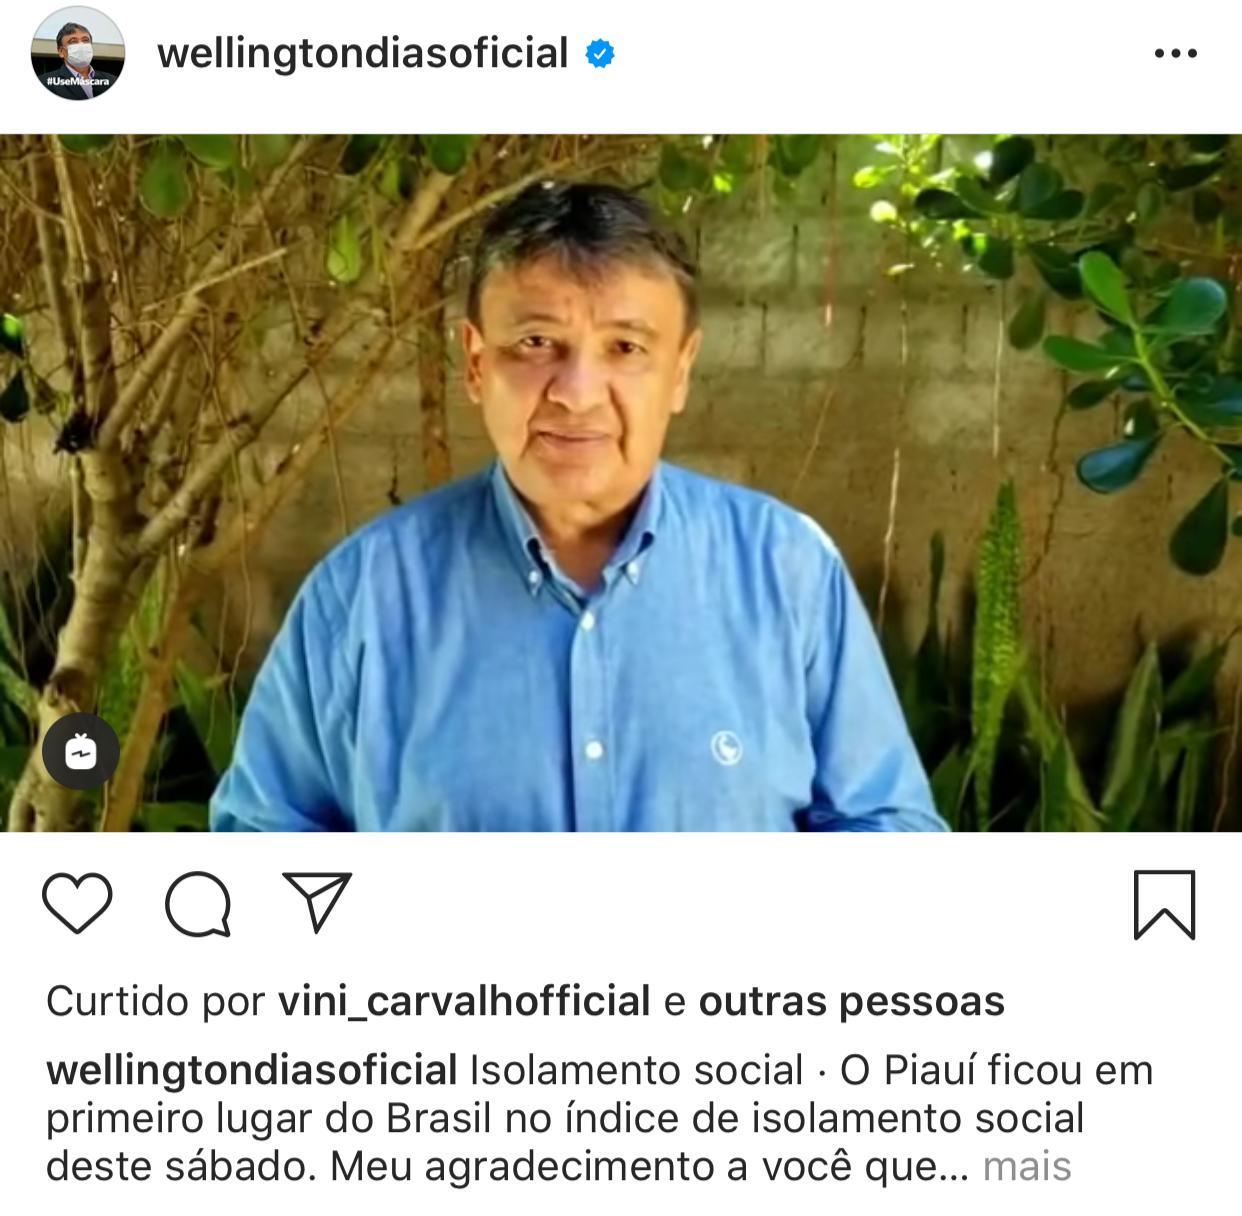 Piauí fica em primeiro lugar do Brasil em isolamento social - Foto: Reprodução/Instagram